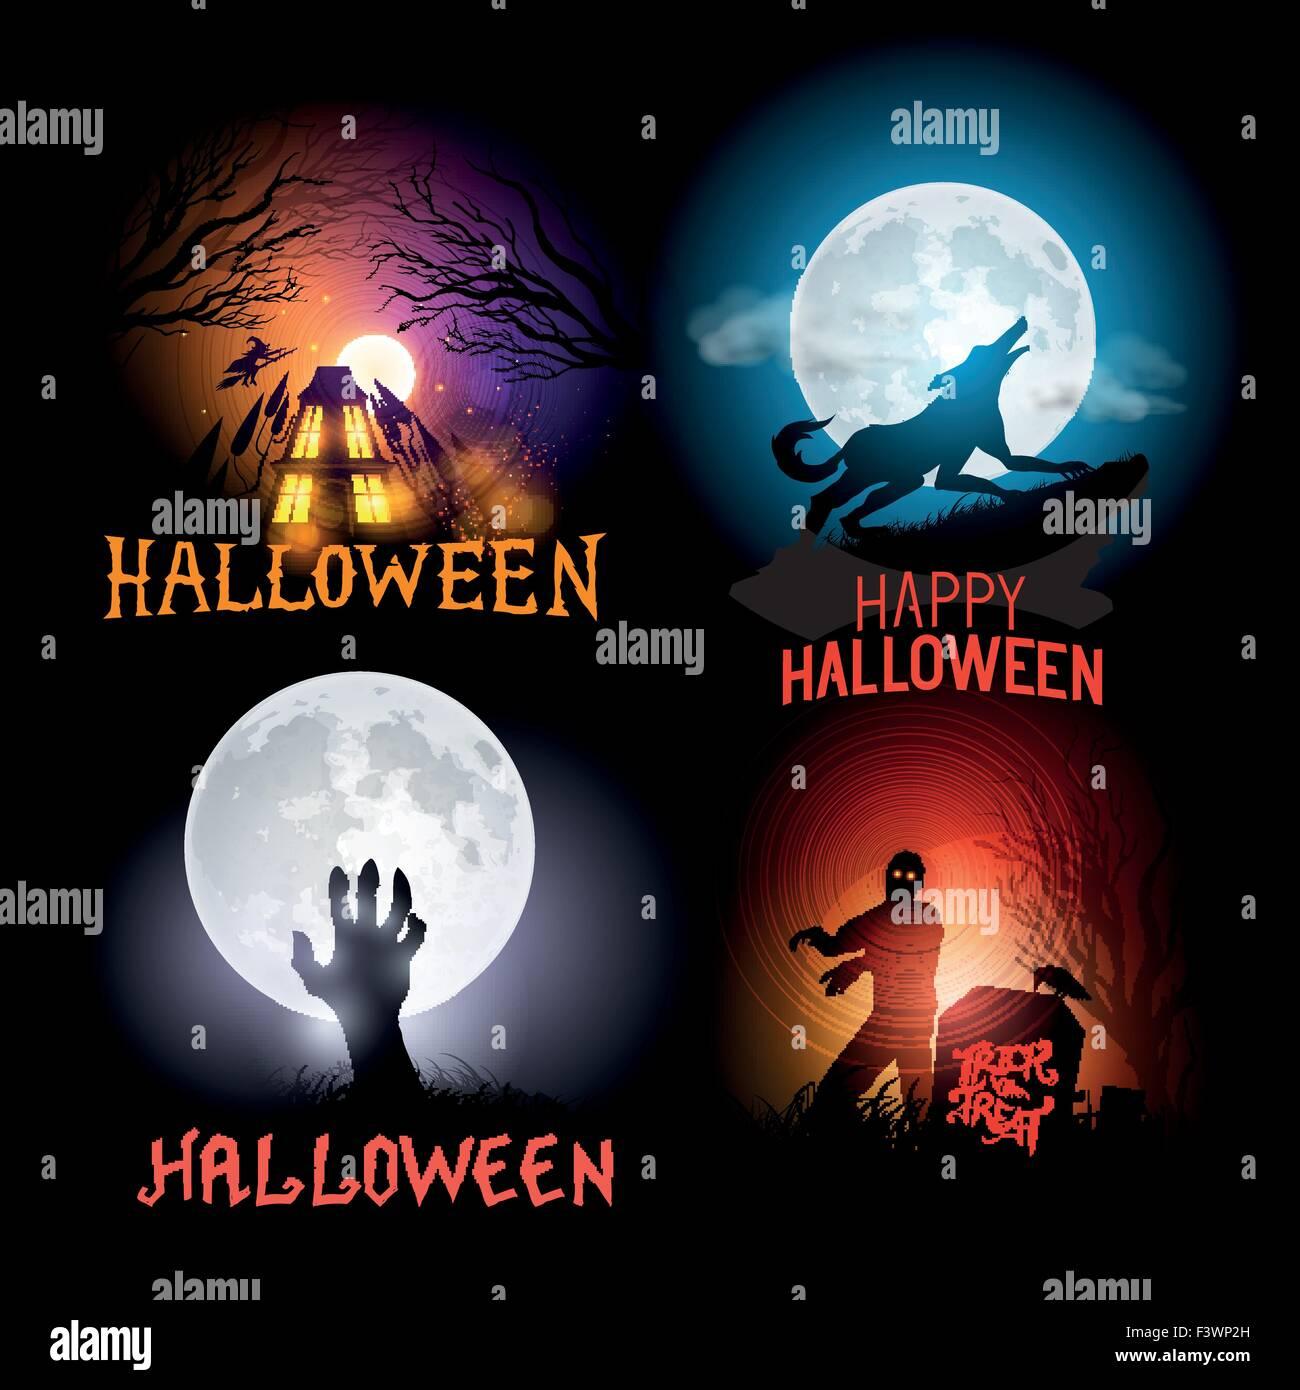 Vettore di Halloween sfondi. Scene inclusa una Haunted House, un lupo mannaro e zombie. Illustrazione Vettoriale. Immagini Stock